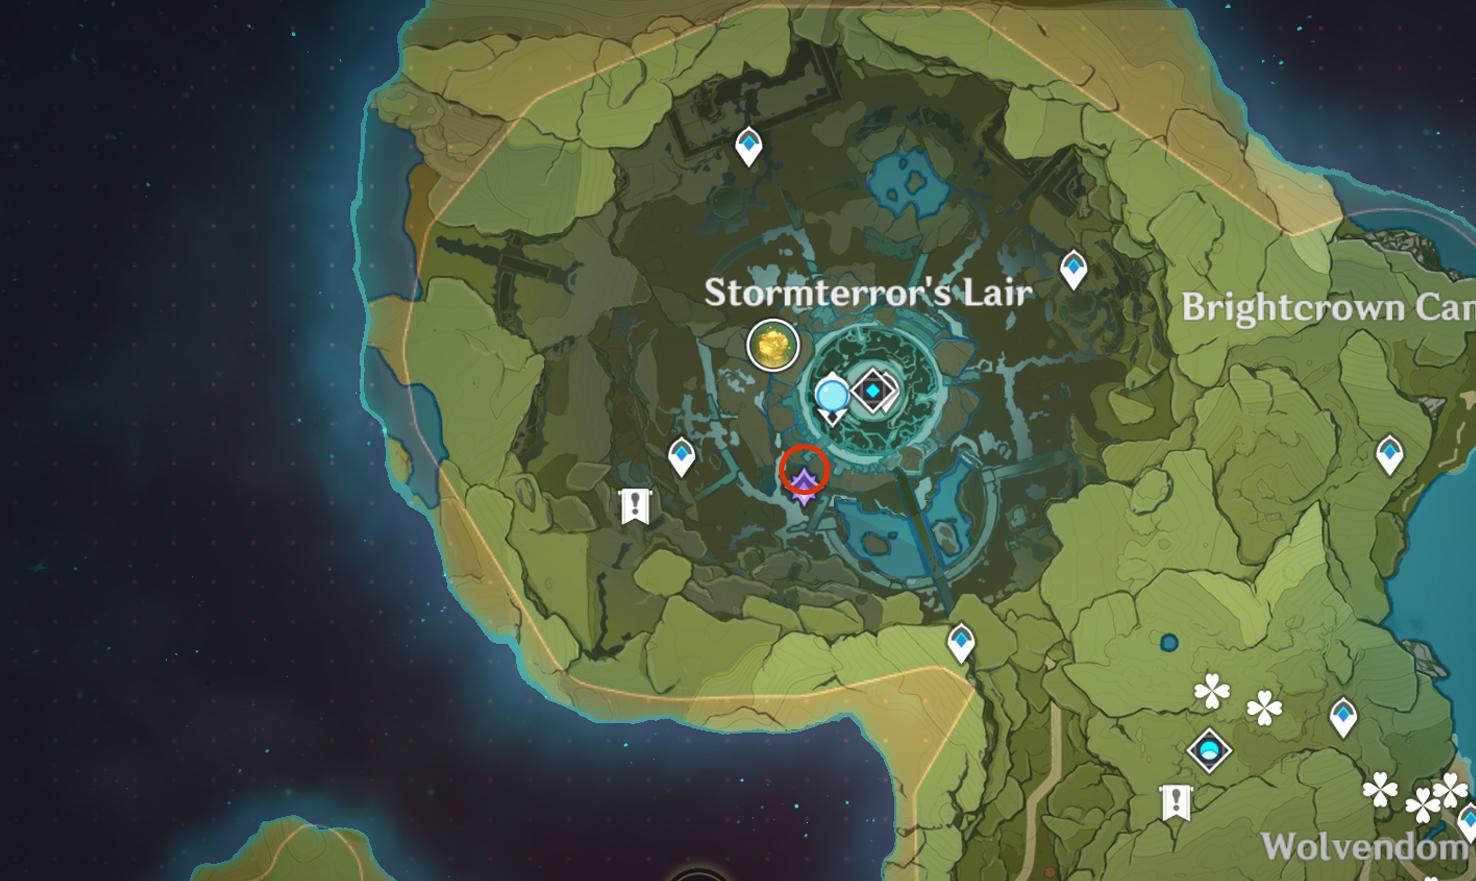 Emplacement inhabituel de Hilichurl 4 - Repaire de Stormterror